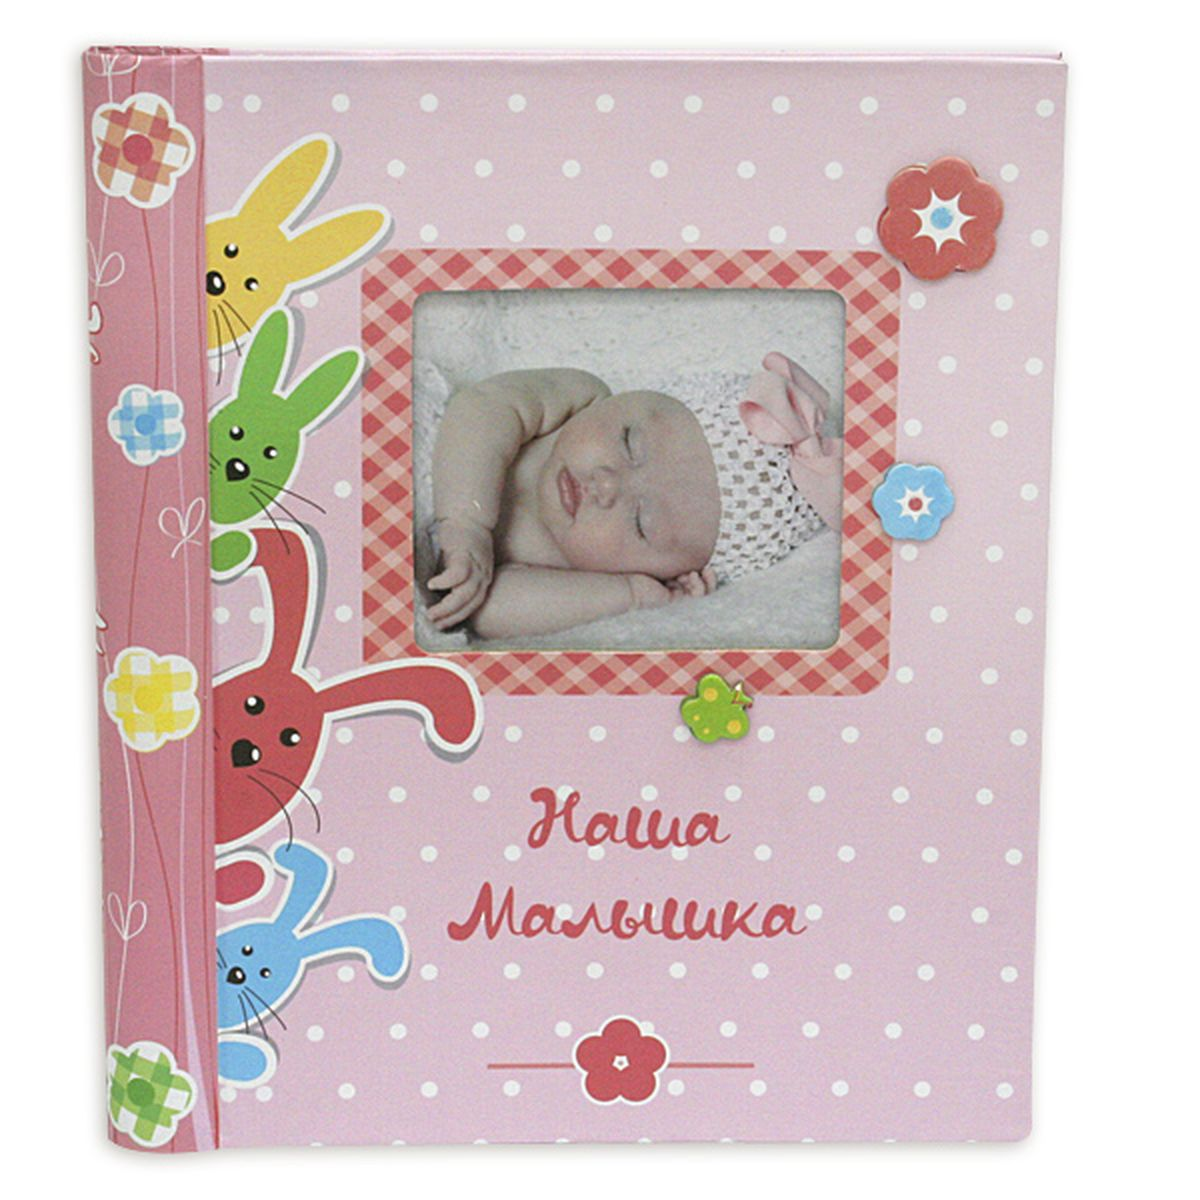 Фотокнига Pioneer Our Baby 6, 20 магнитных листов, 23 x 28 см12195 WF-022/194Фотокнига Pioneer Our Baby 6 позволит вам запечатлеть моменты жизни вашего ребенка. Изделие выполнено из картона и плотной бумаги, может быть использована для создания памятного альбома в технике скрапбукинг. В книге находится 20 страниц-анкет для заполнения и рамка для фото. Всего внутри может быть расположено 20 фото. Тип скрепления: спиральФормат фотографий: 23 х 28 смМатериал страниц: бумагаТип страниц: магнитный